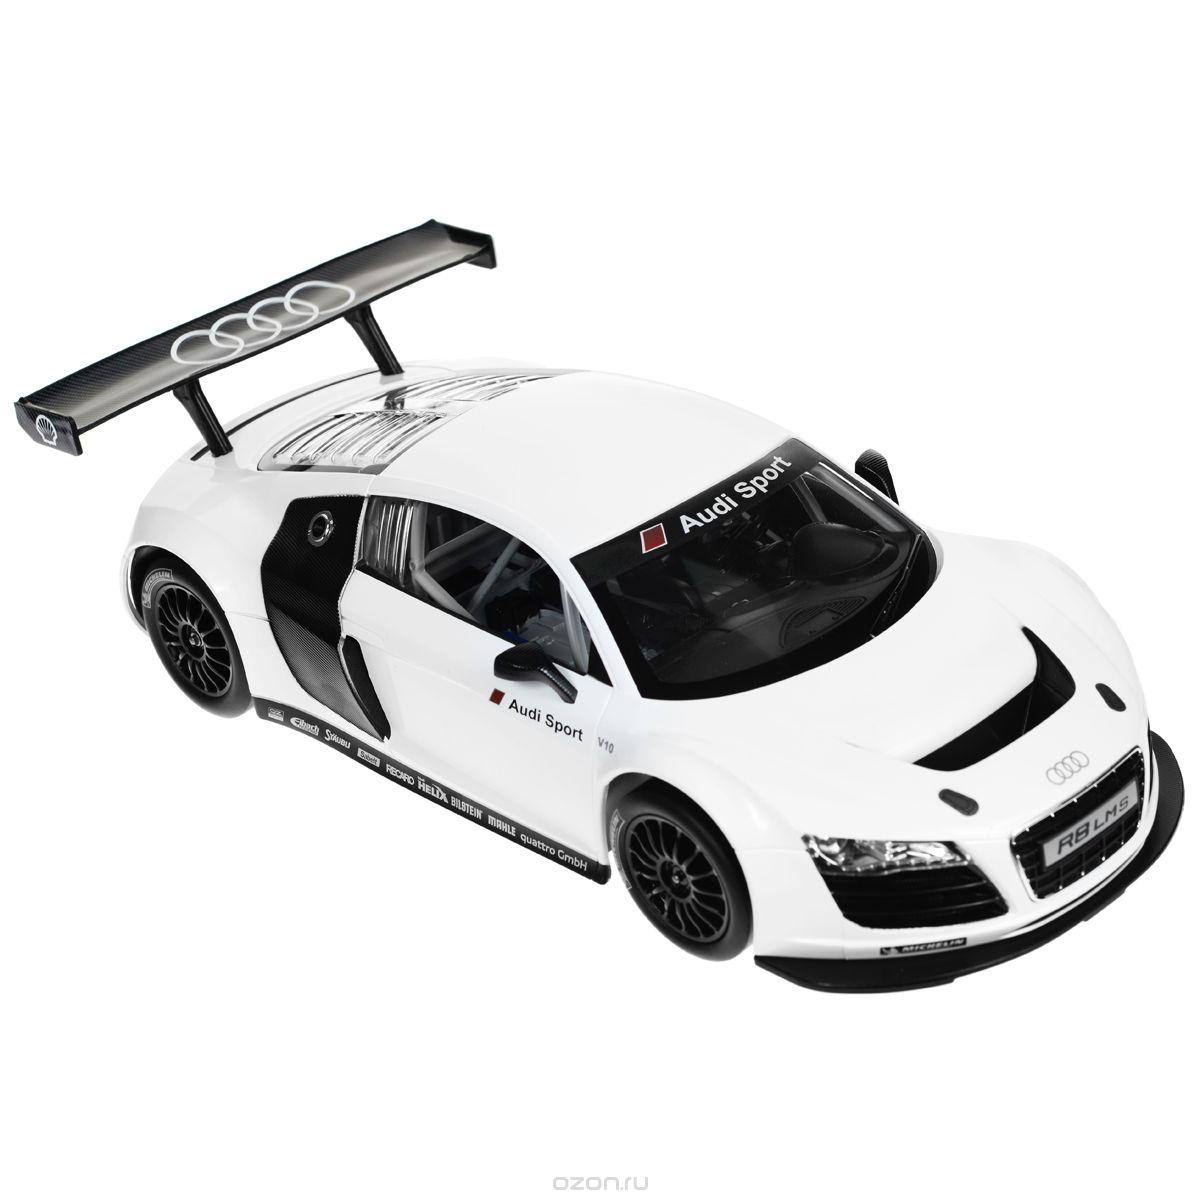 Rastar Радиоуправляемая модель Audi R8 LMS цвет белый масштаб 1:14 rastar радиоуправляемая модель audi r8 lms цвет серебристый черный